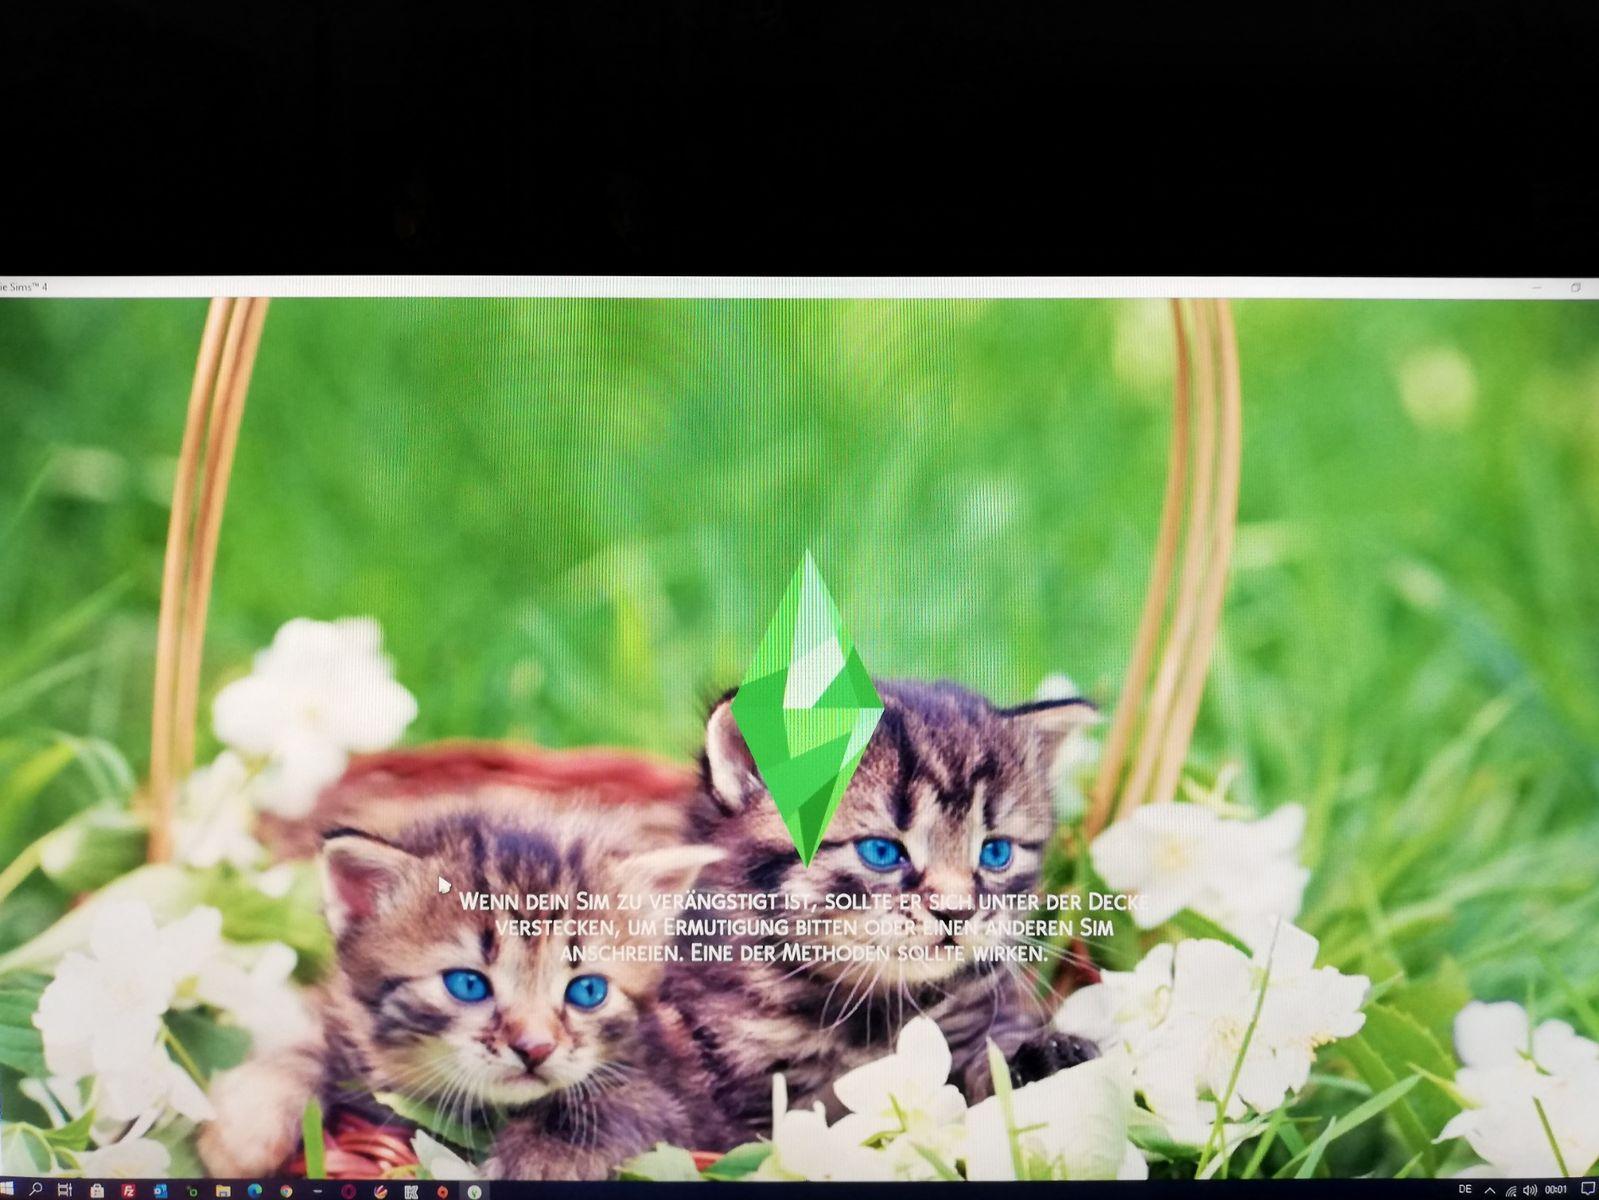 4101-img-20210414-000125-autoscaled-jpg